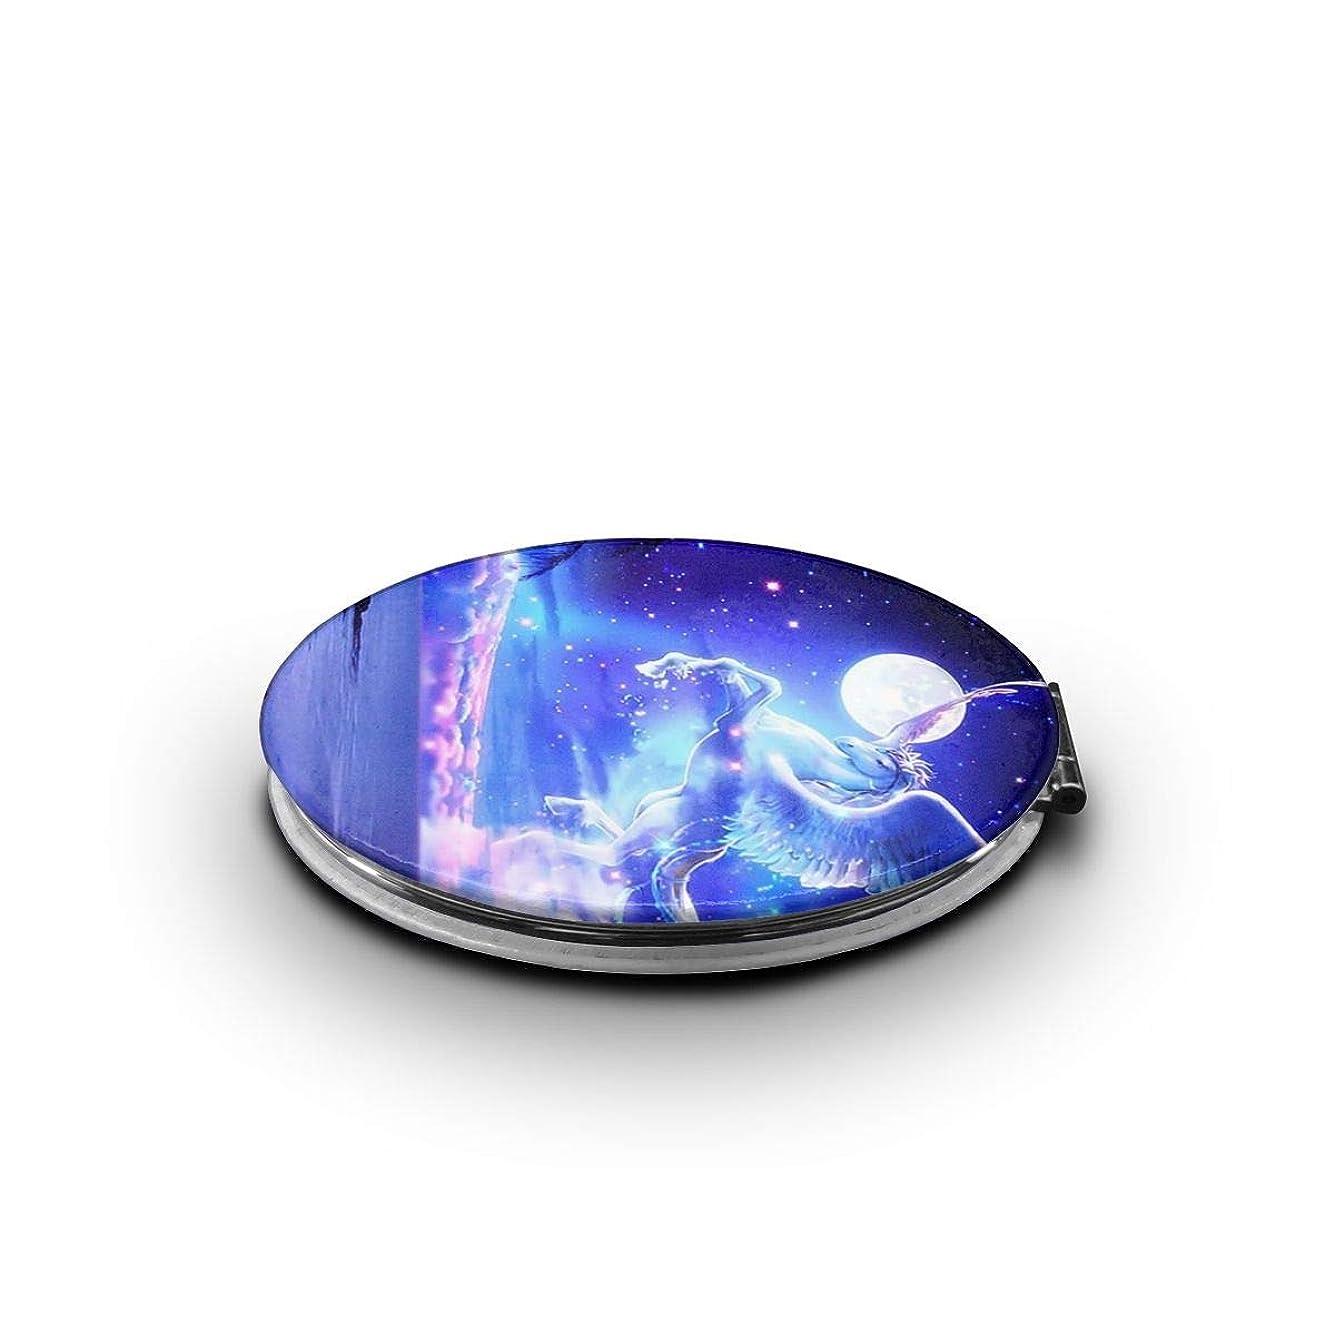 月面陰気メモ携帯ミラー ユニコーン 天馬 きれい 夜空ミニ化粧鏡 化粧鏡 3倍拡大鏡+等倍鏡 両面化粧鏡 楕円形 携帯型 折り畳み式 コンパクト鏡 外出に 持ち運び便利 超軽量 おしゃれ 9.0X6.6CM